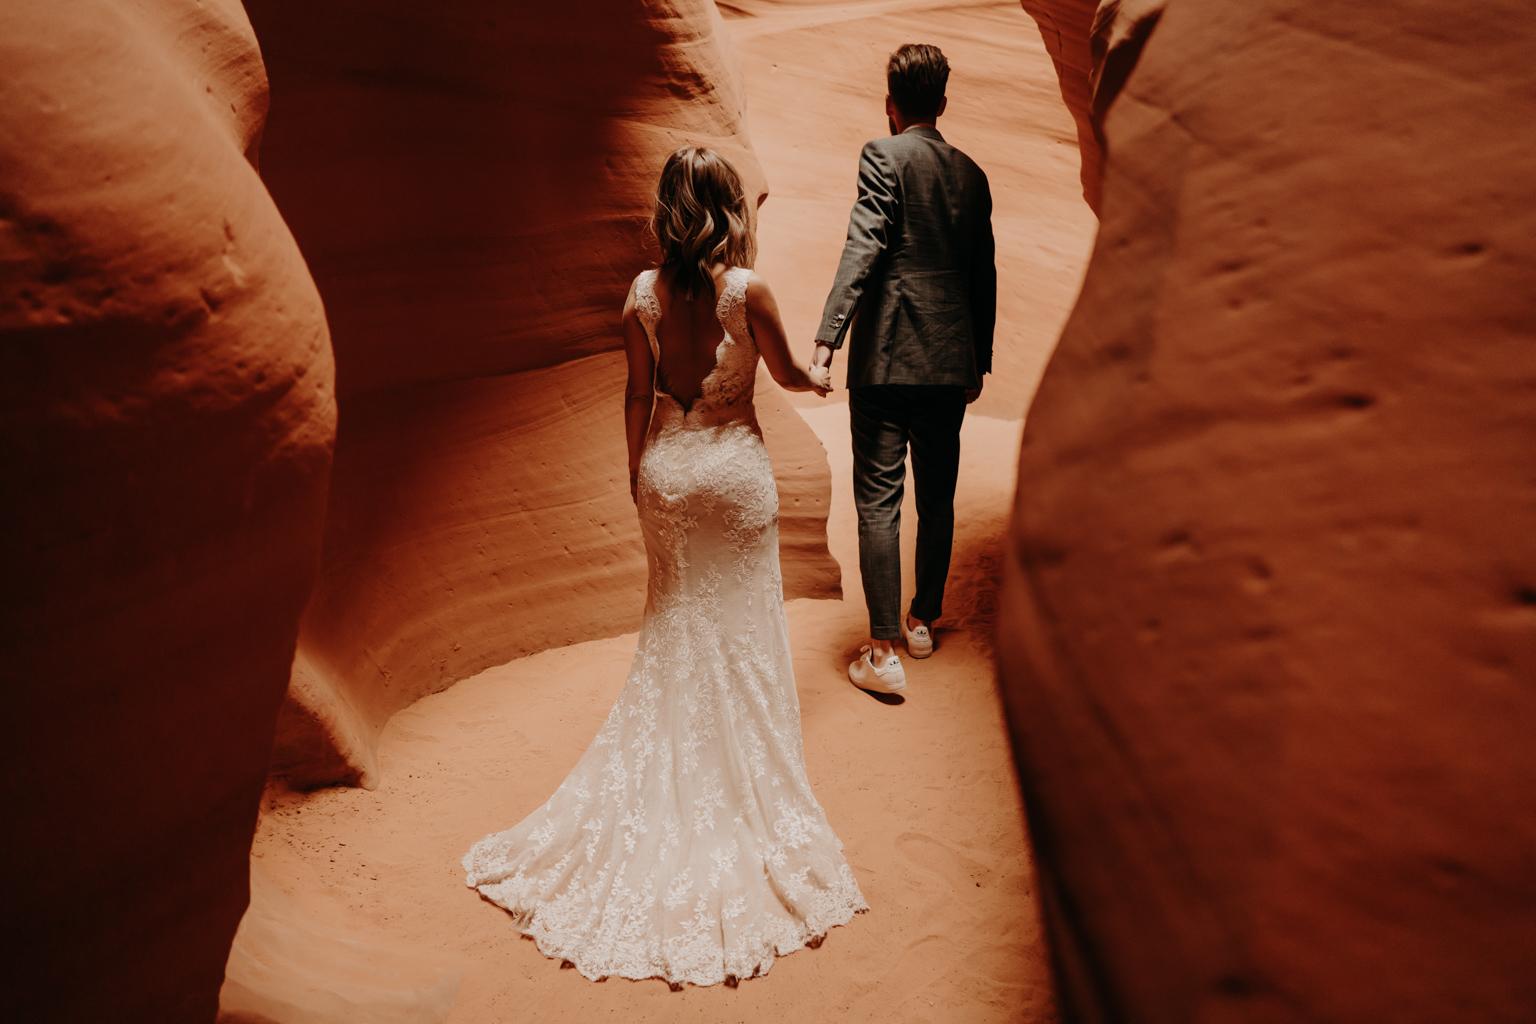 trouweninhetbuitenland_huwelijksfotografie_roxannedankers-36.jpg